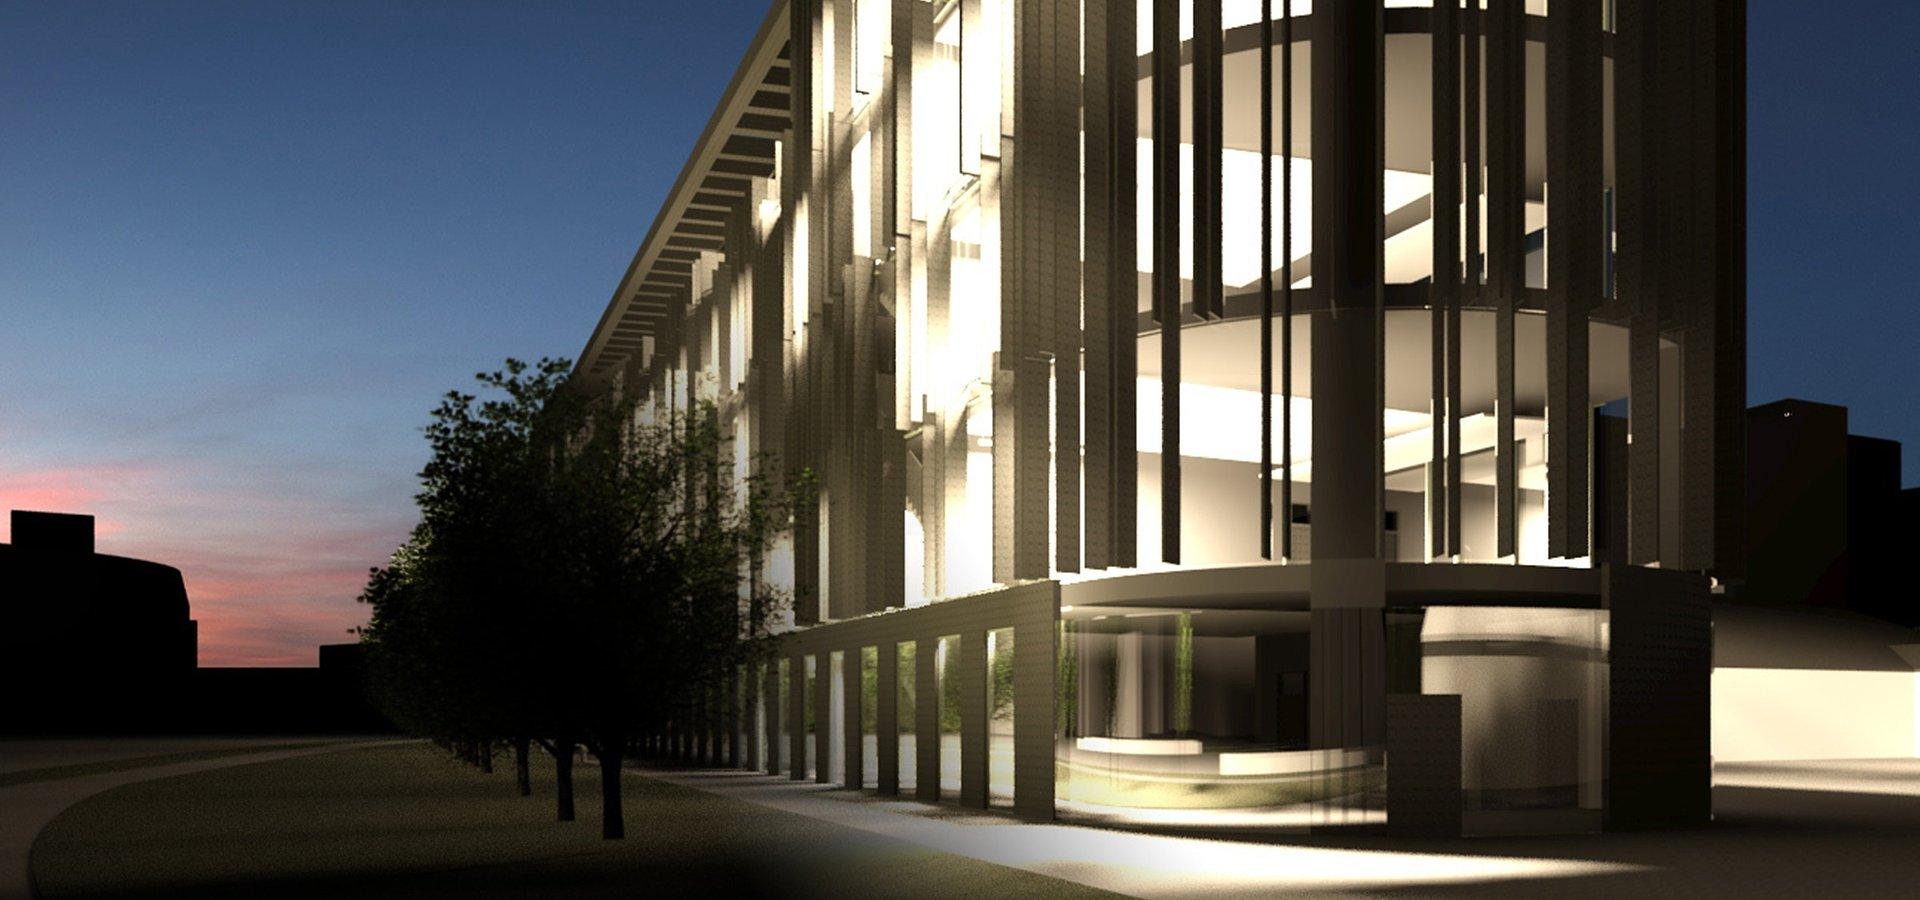 Instytut Psychologii UŁ będzie miał nową siedzibę!